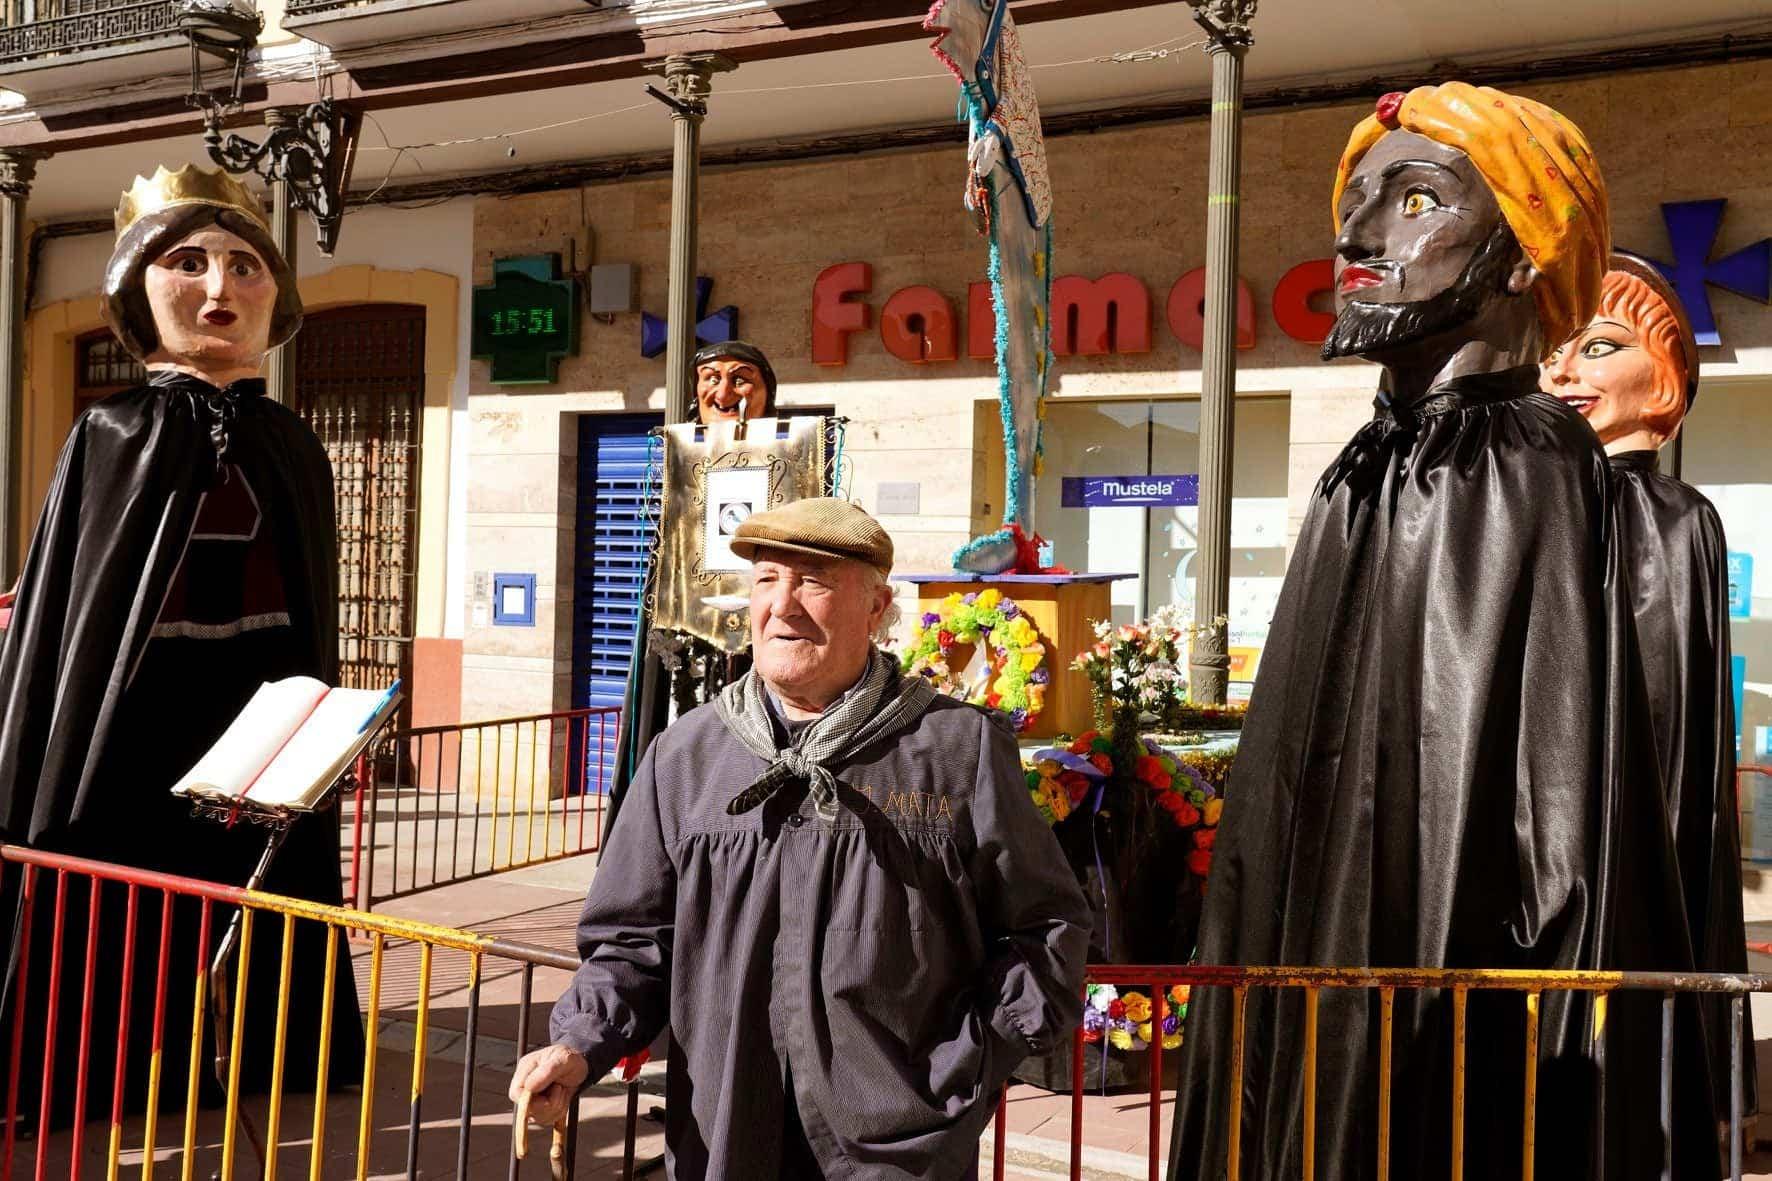 Carnaval de Herencia 2020 entierro sardina 12 - El Entierro de la Sardina 2020 del Carnaval de Herencia